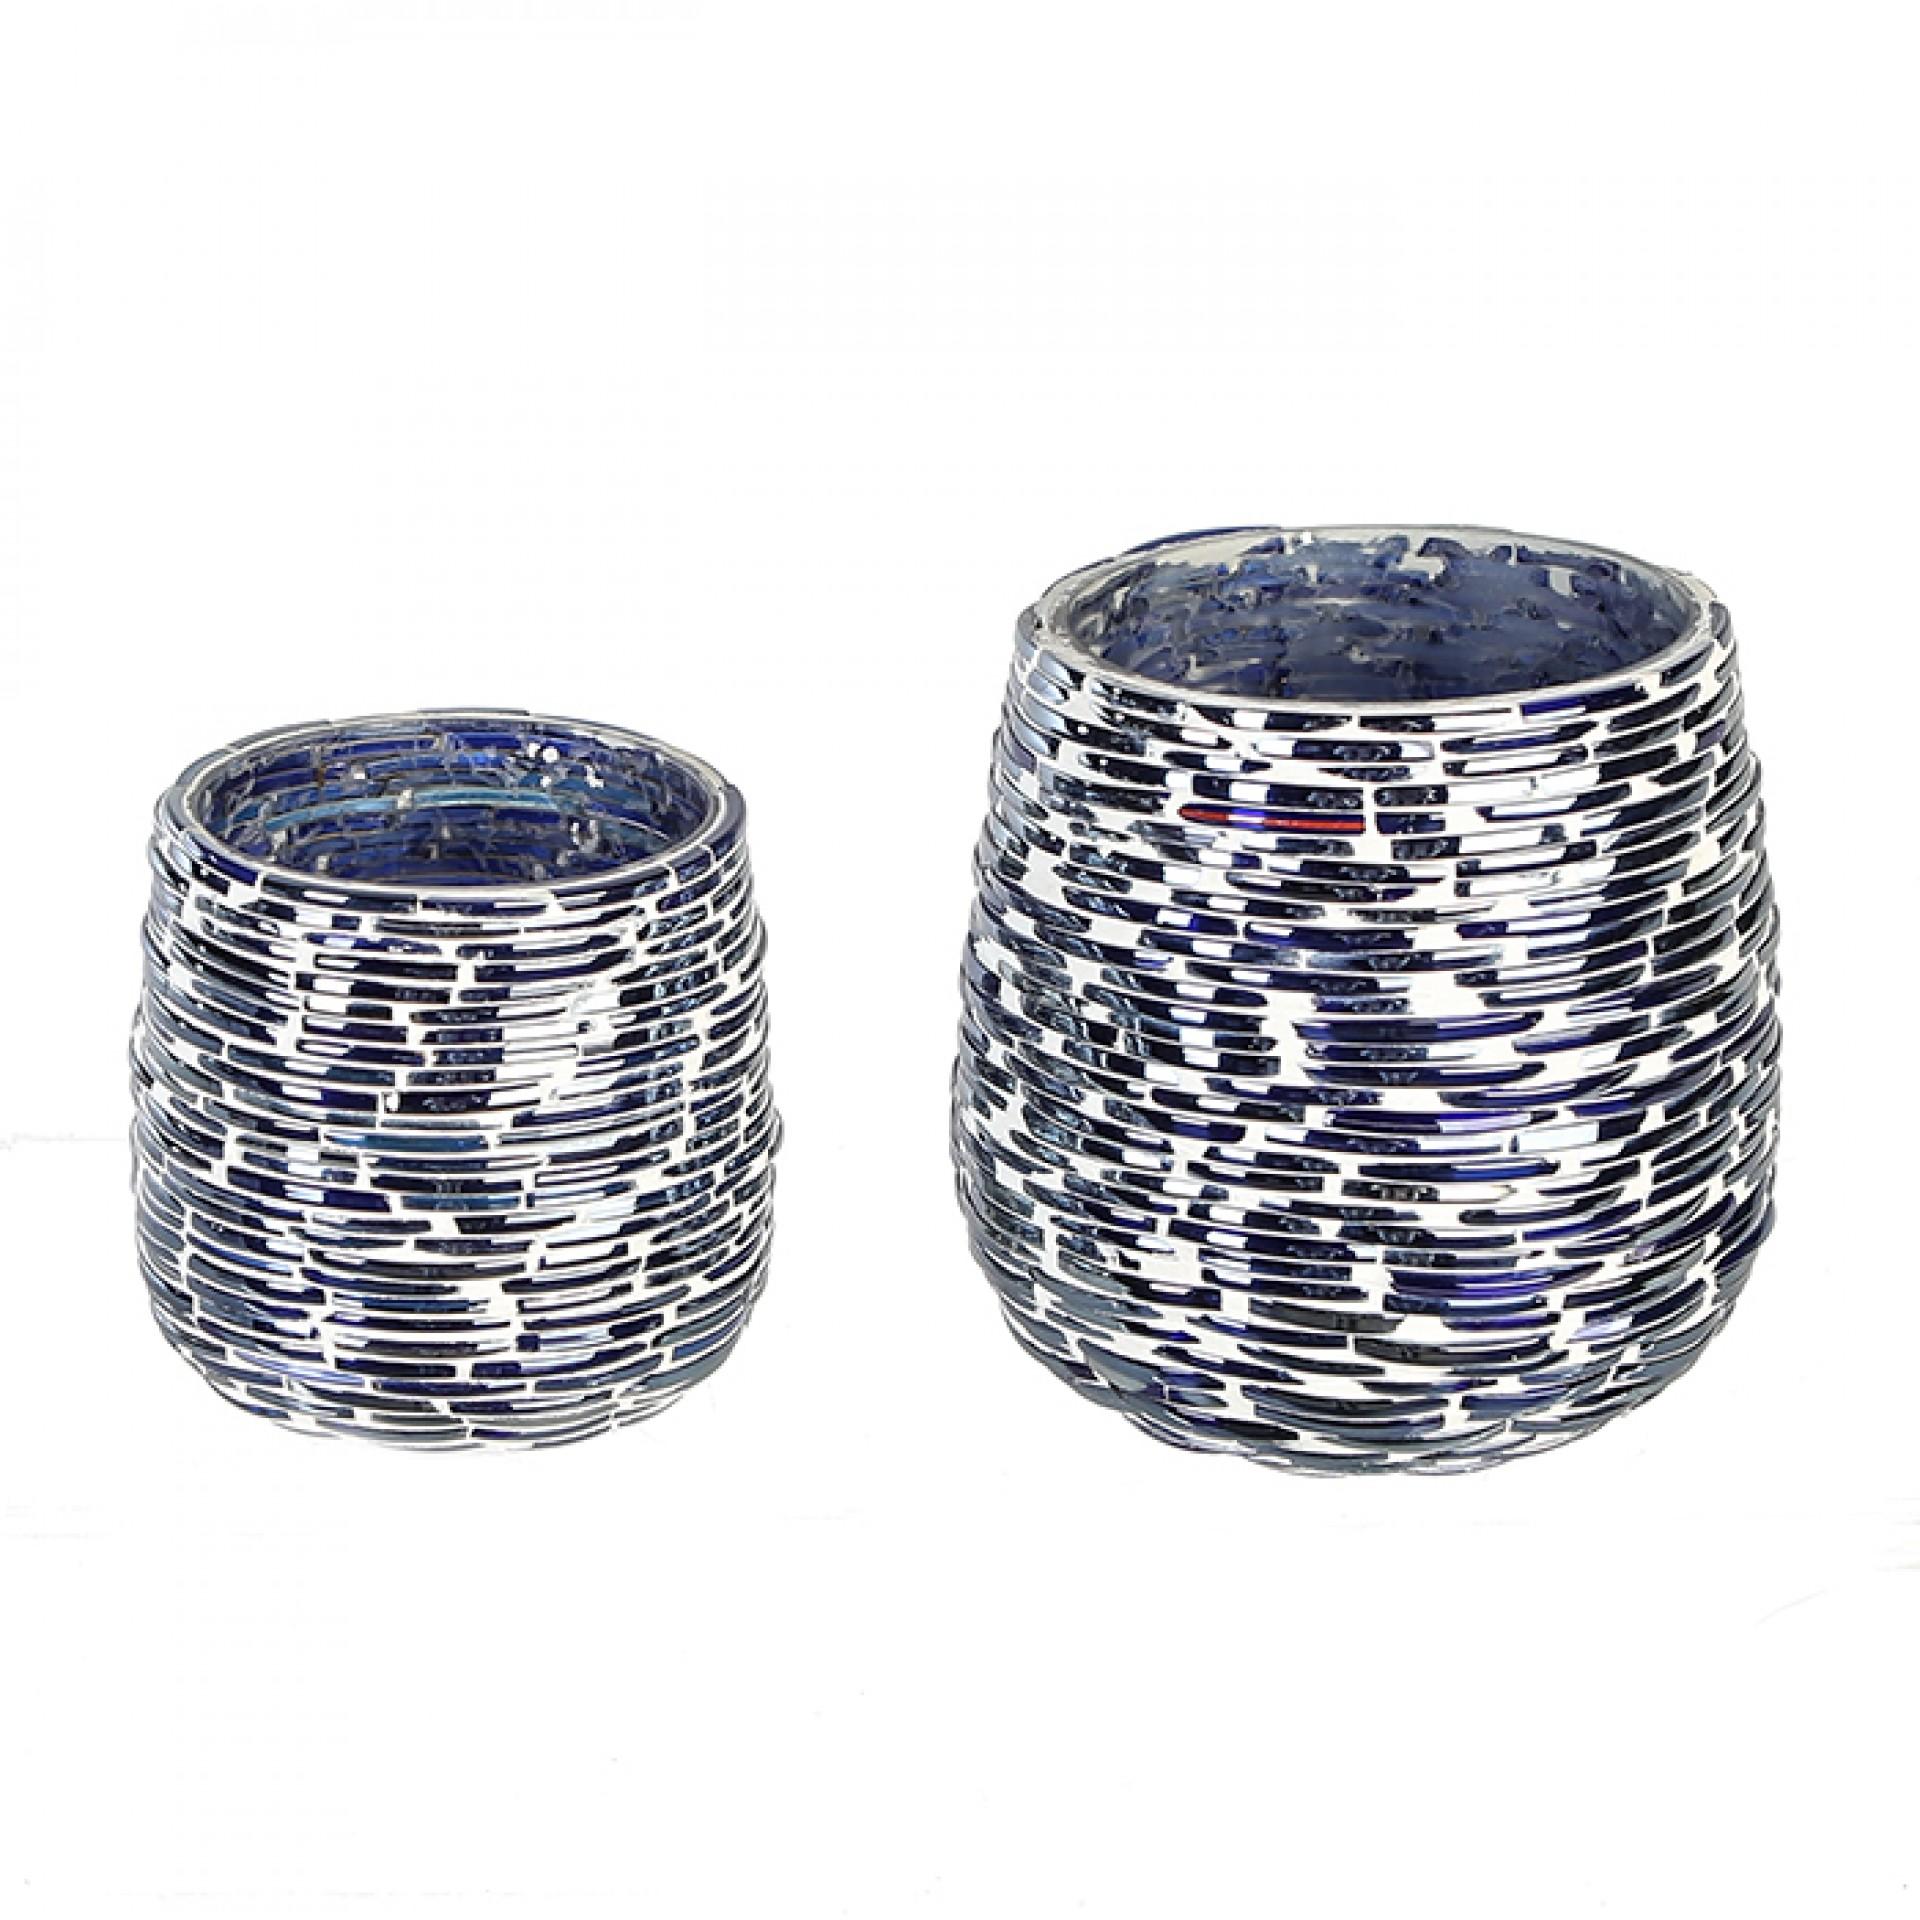 Čajový svícen skleněný Stroke, 13 cm, modrá